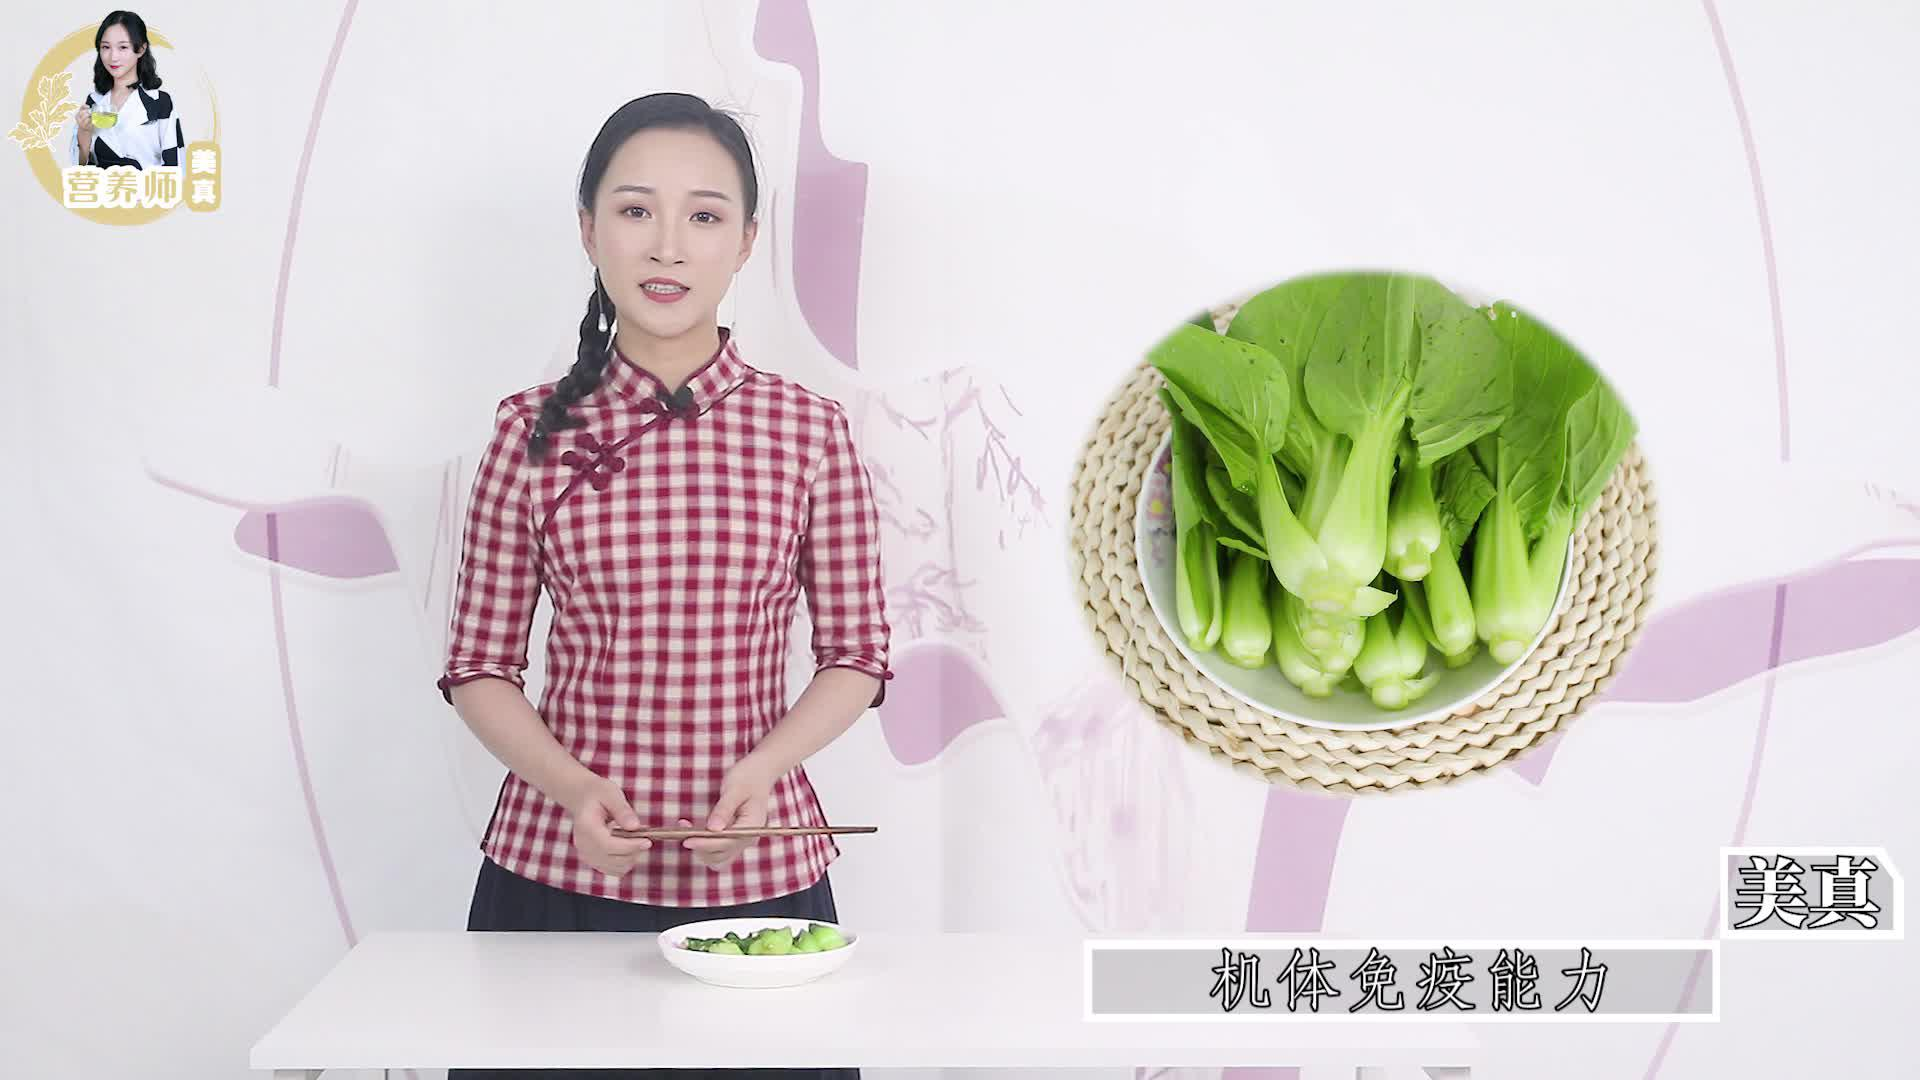 血脂高,口腔溃疡,多吃这1类蔬菜,增强免疫力,身体健康!